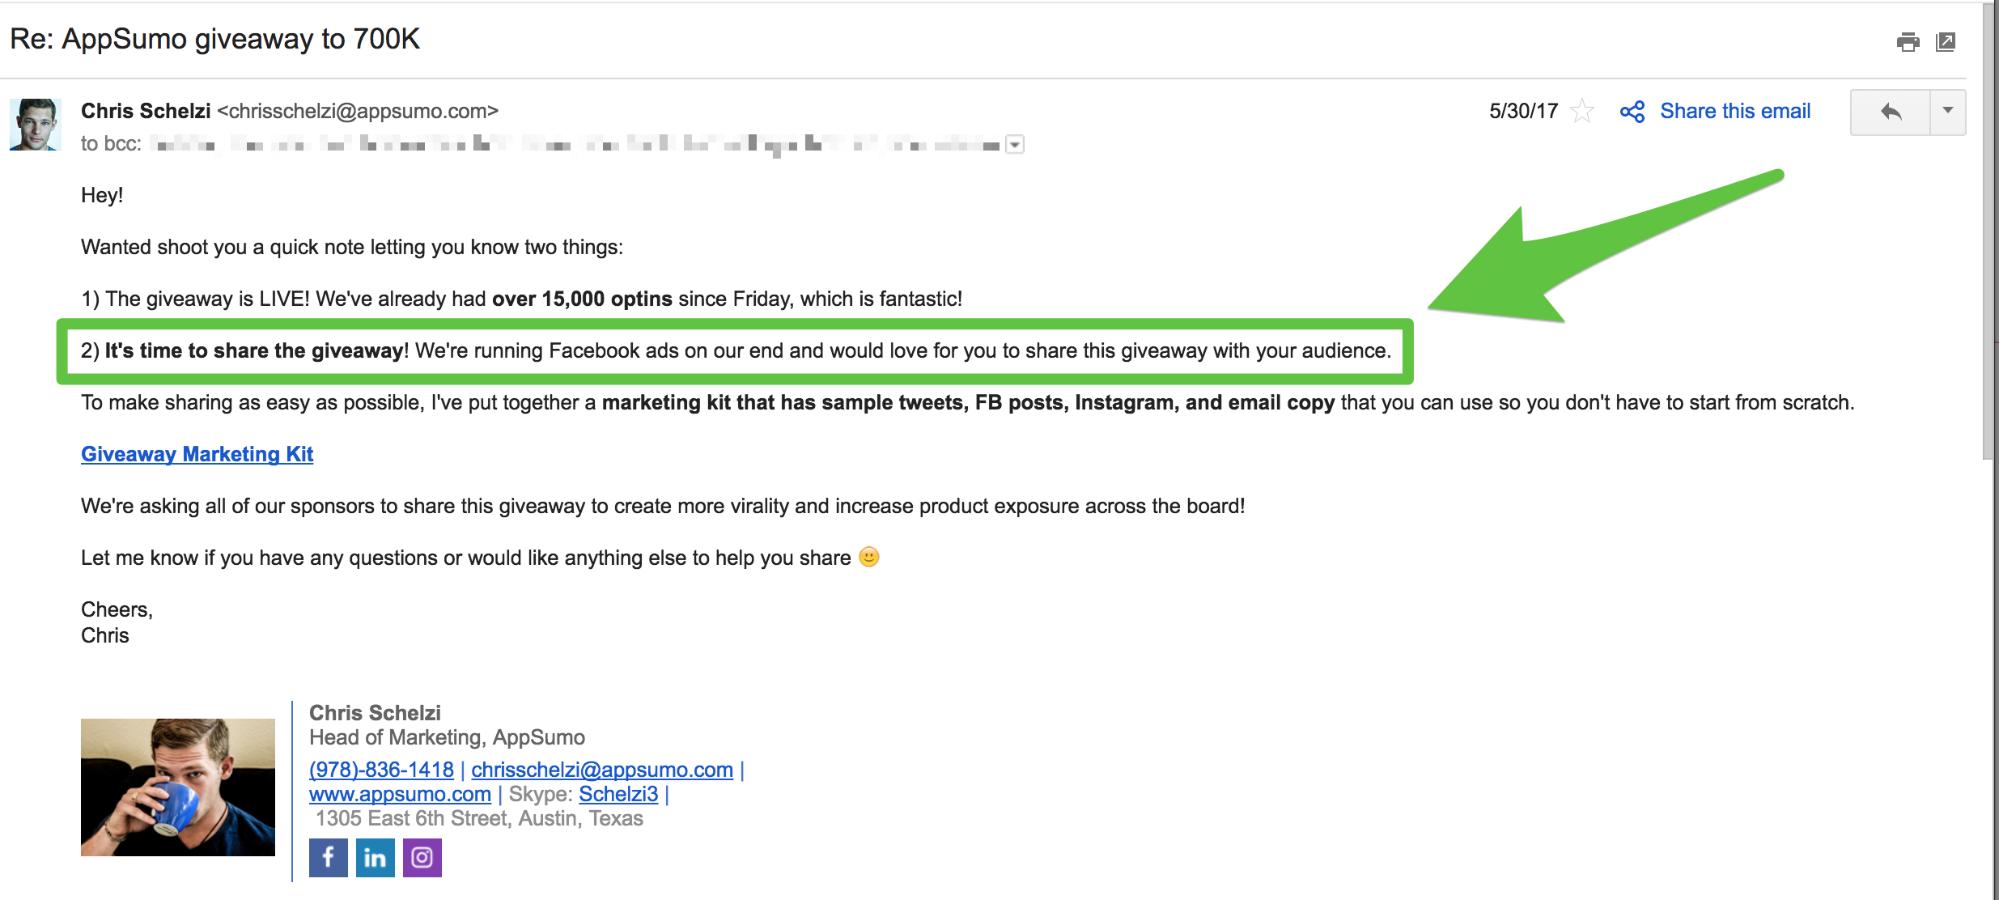 Ảnh chụp màn hình hiển thị một email